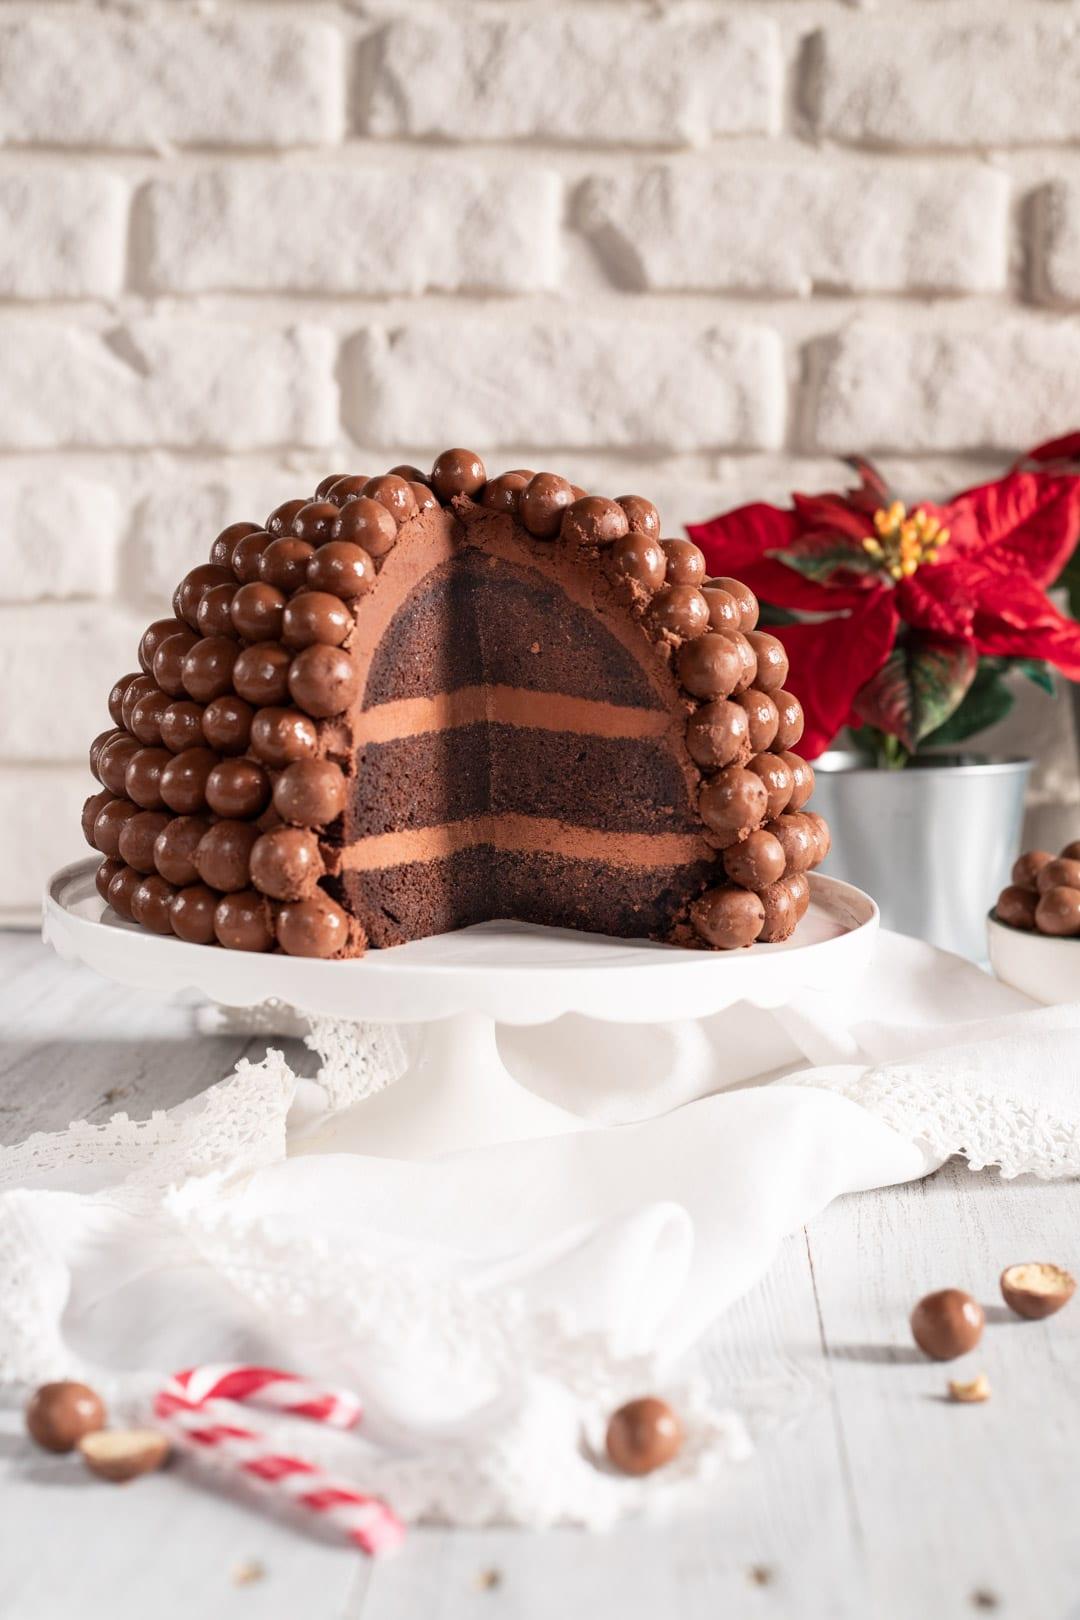 Torta Maltesers strati interni